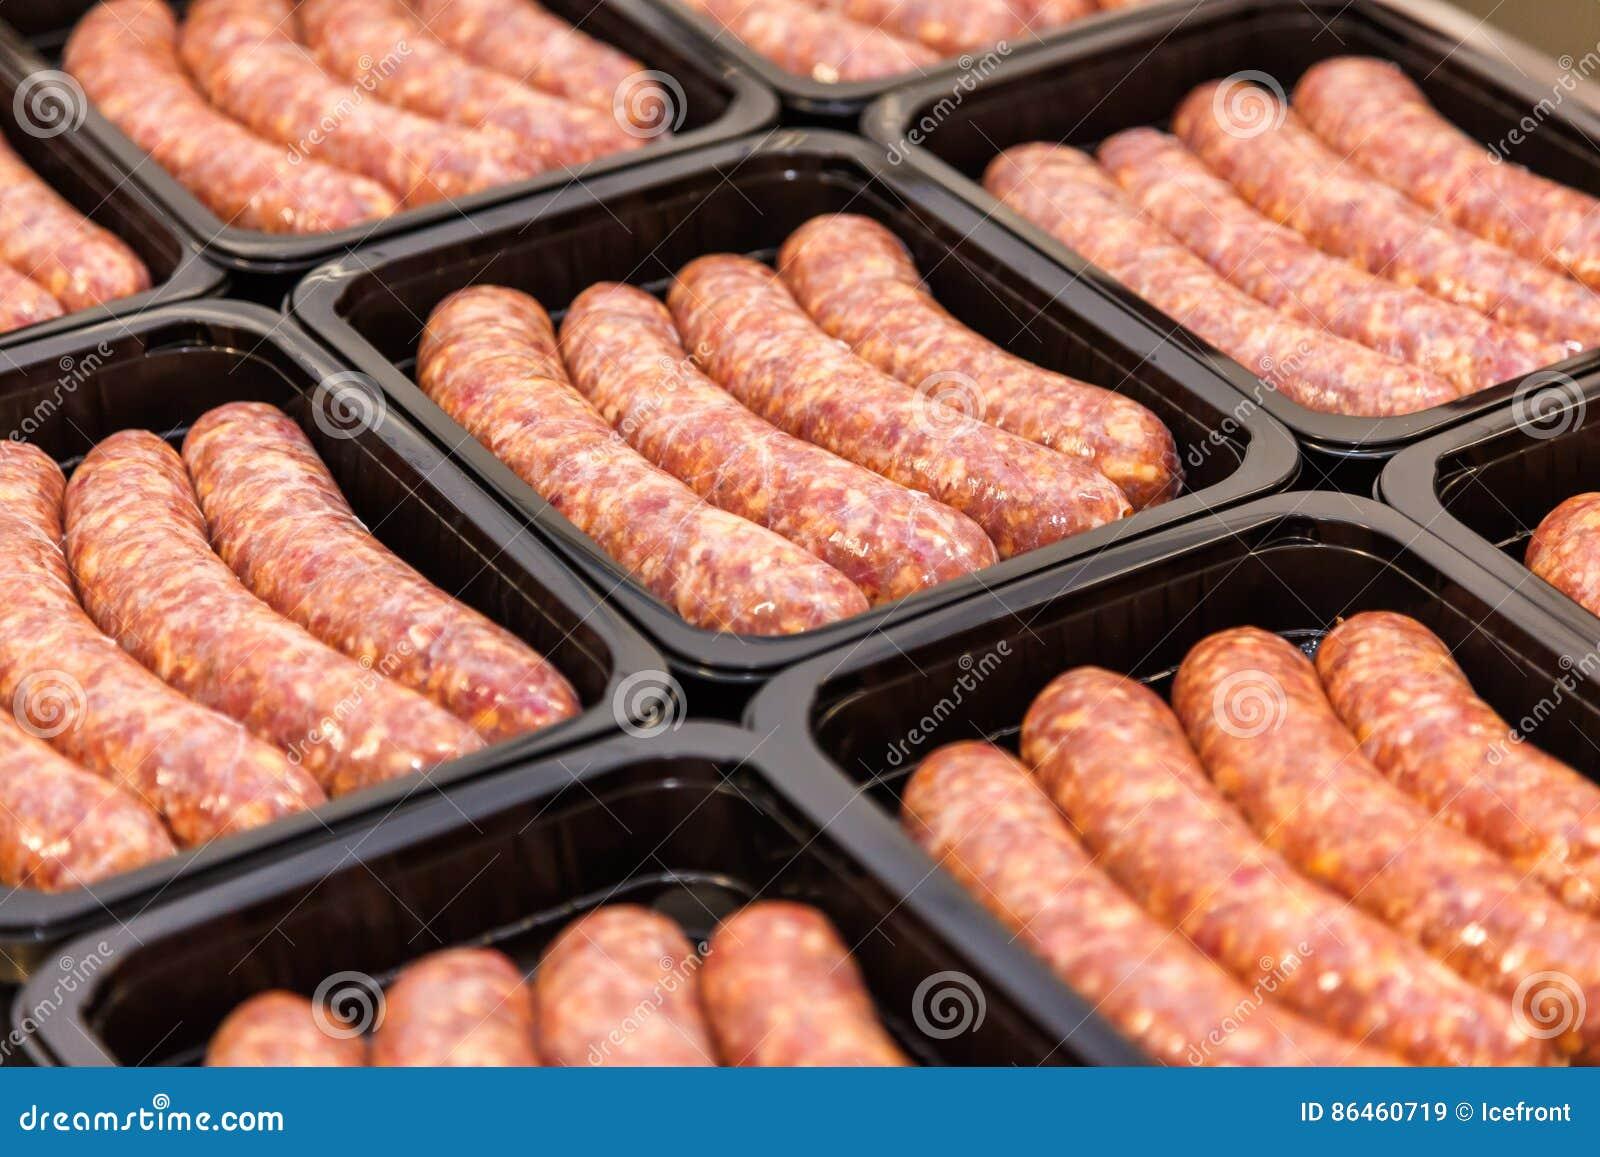 Saucisses de viande crue dans la caisse d emballage